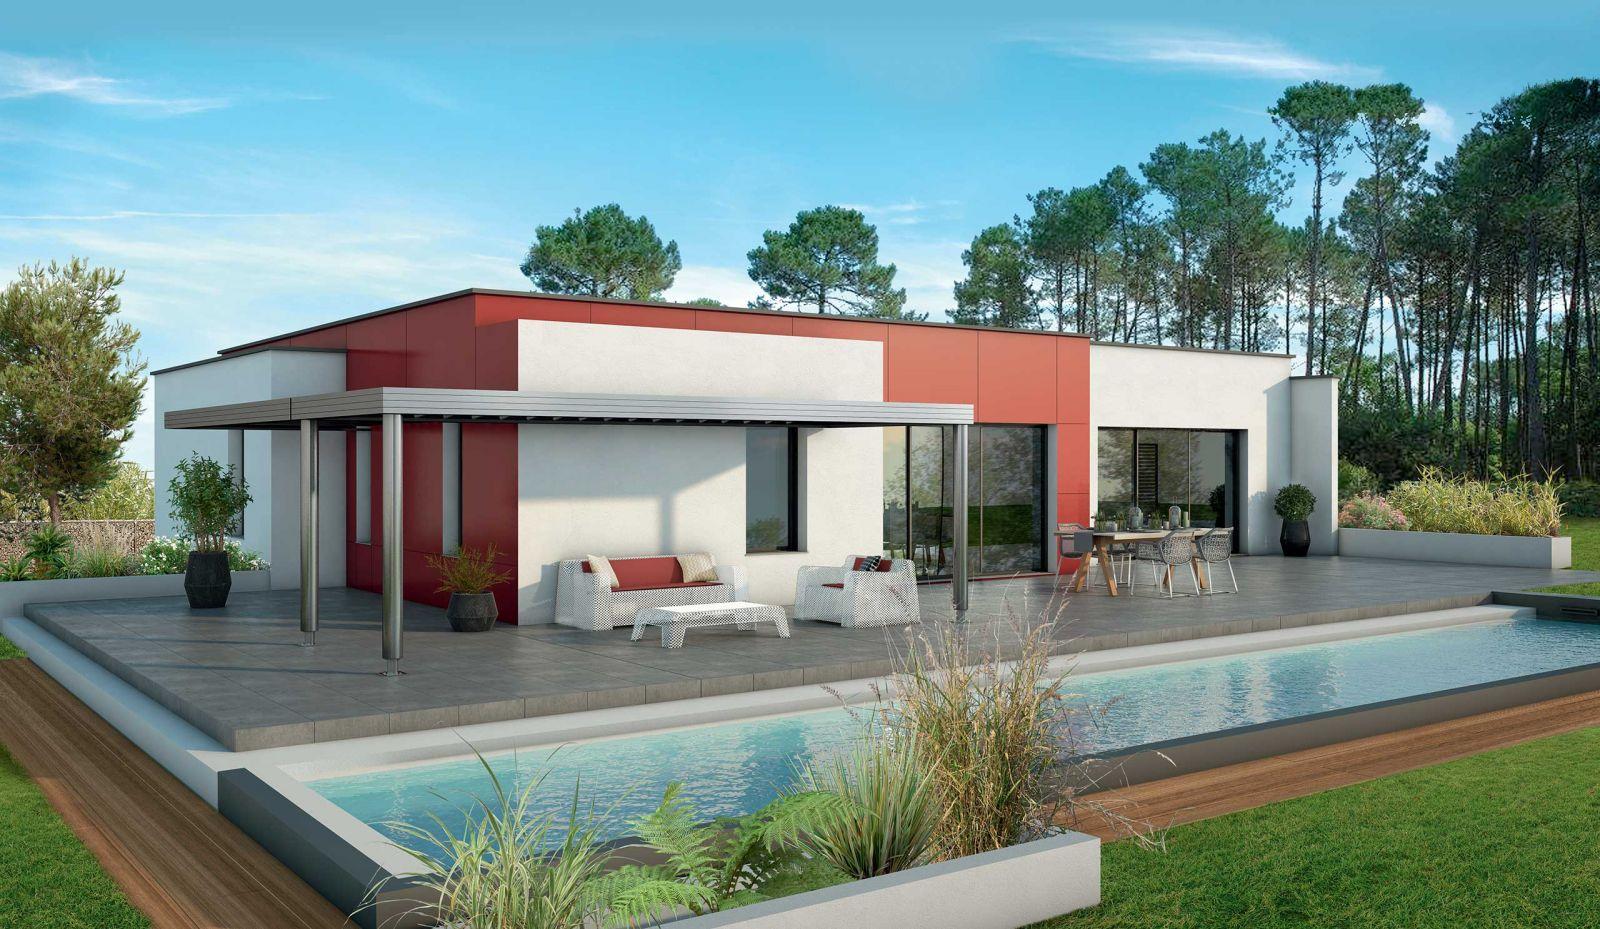 Terrain constructible à BRUGES (33520) + maison 3 chambres et garage